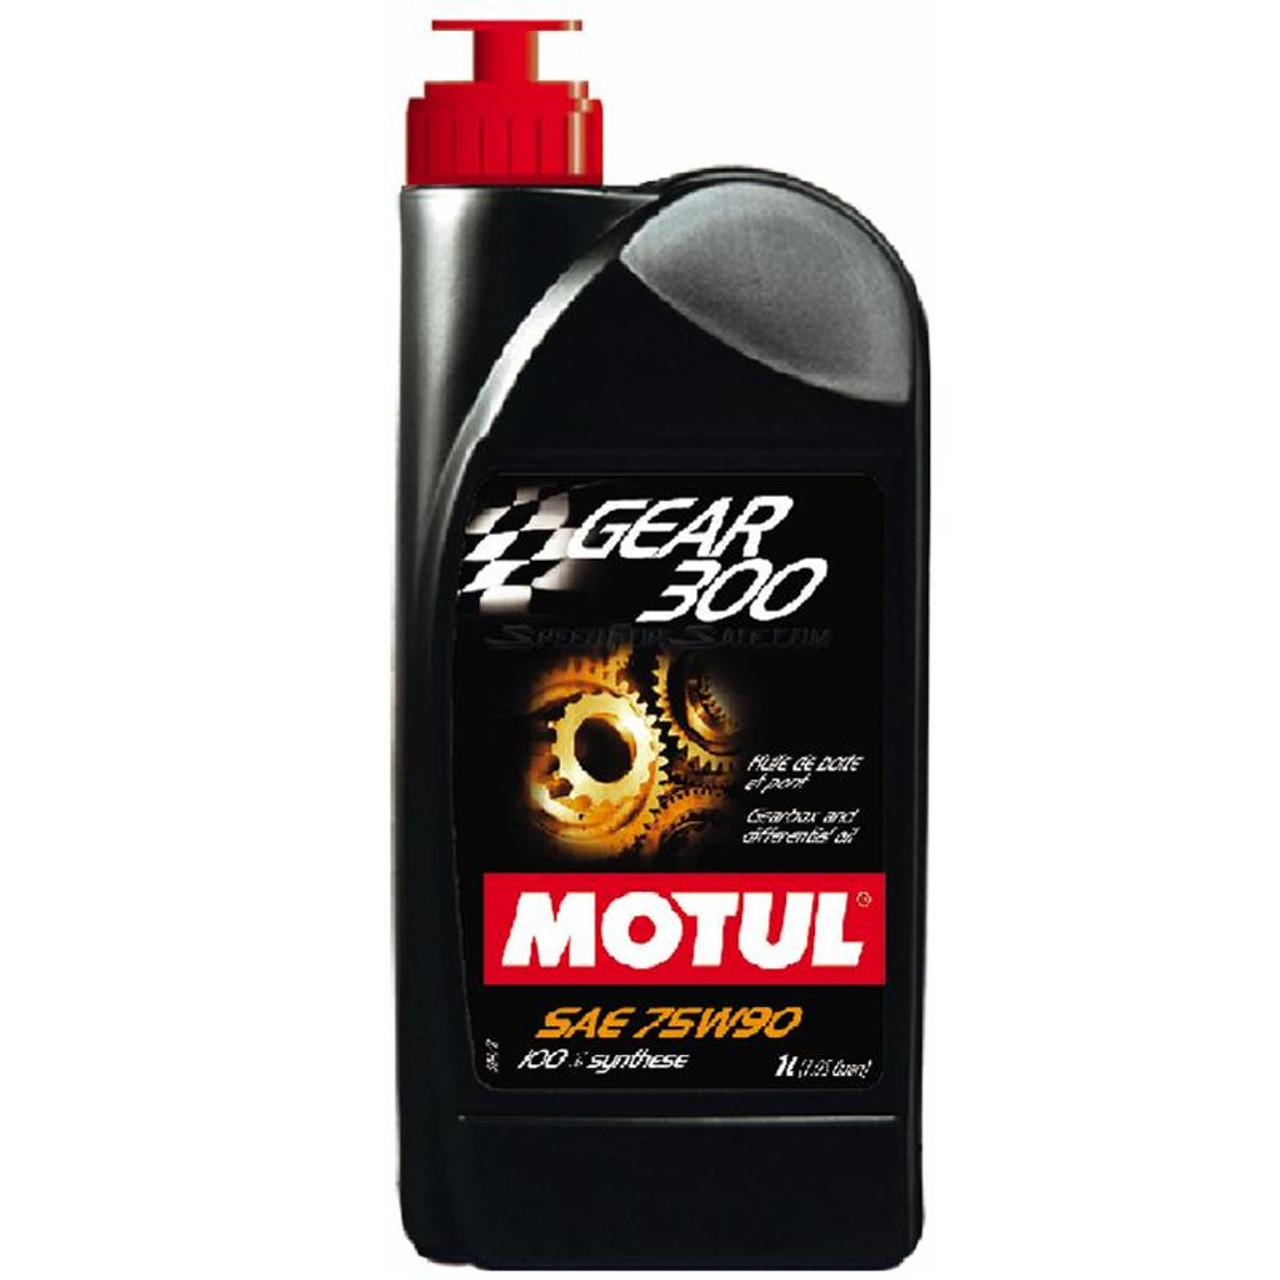 100118  -MOTUL Gear Fluid - Gear 300  Size: 1L Bottle (1.05 qt)